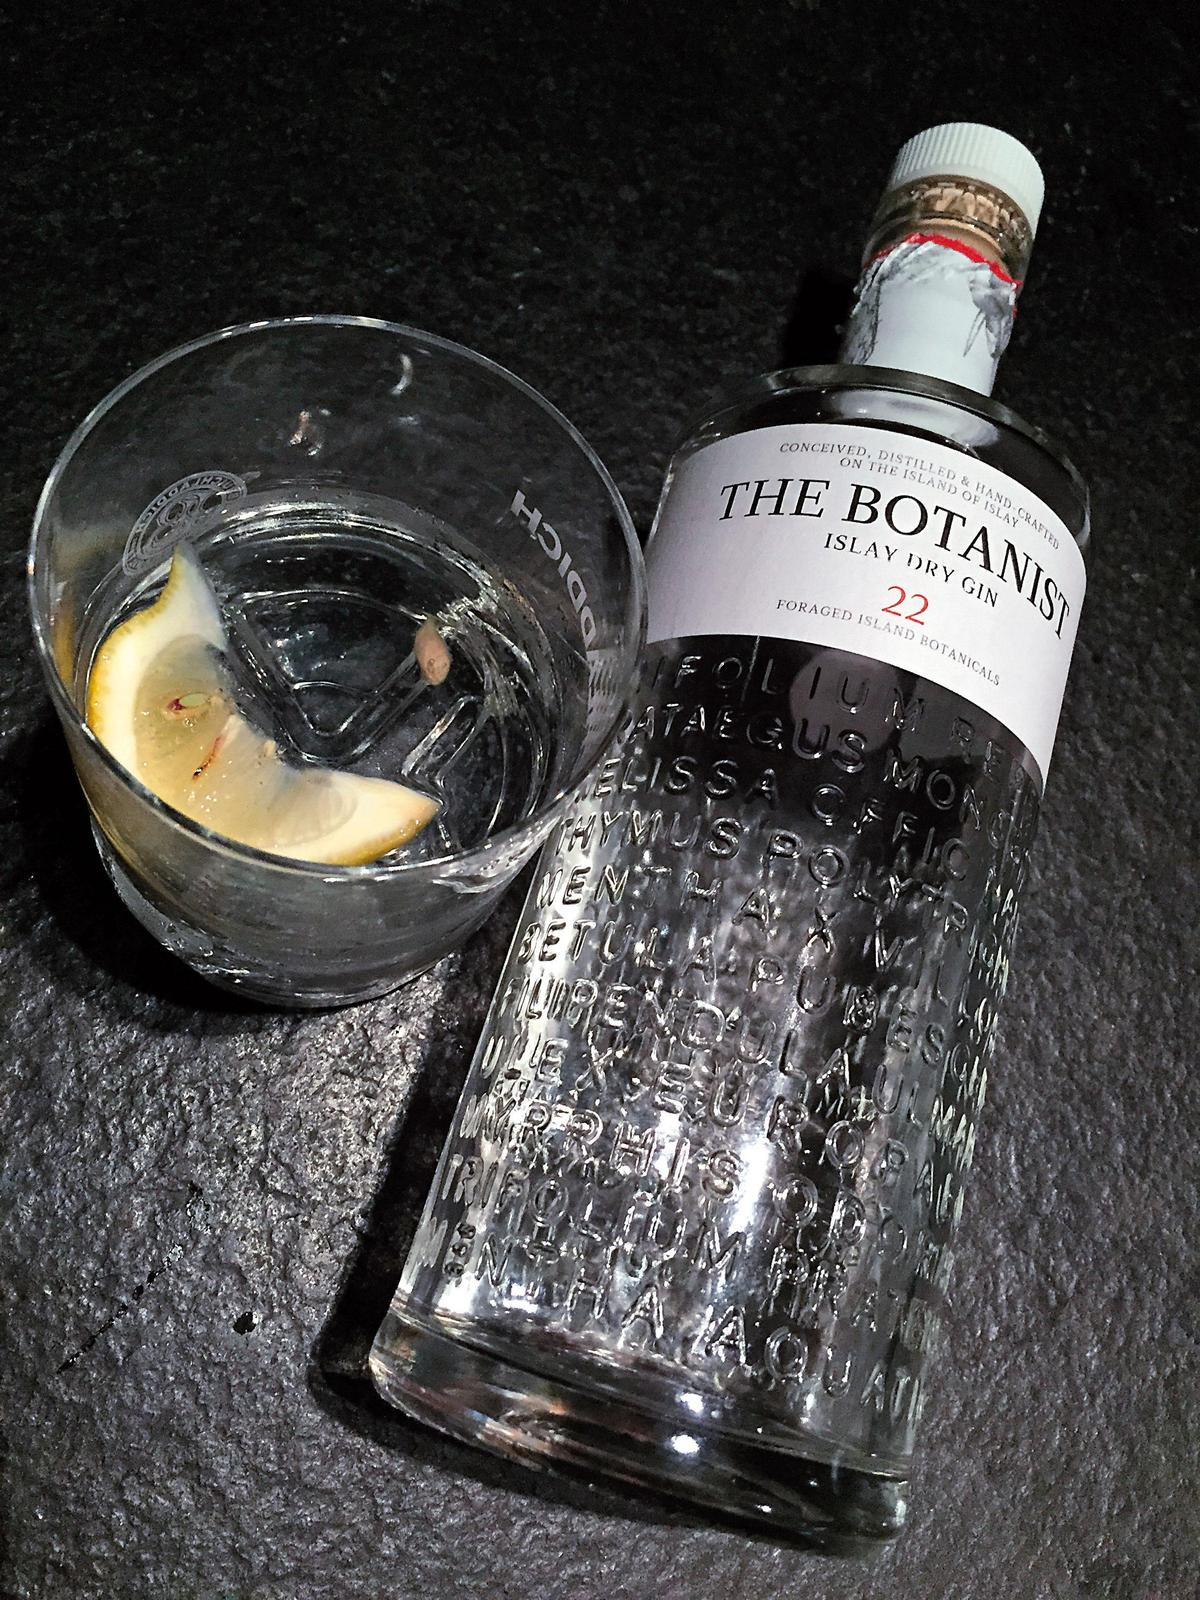 布萊迪艾雷島大麥2009,是無泥煤味的艾雷島威士忌。